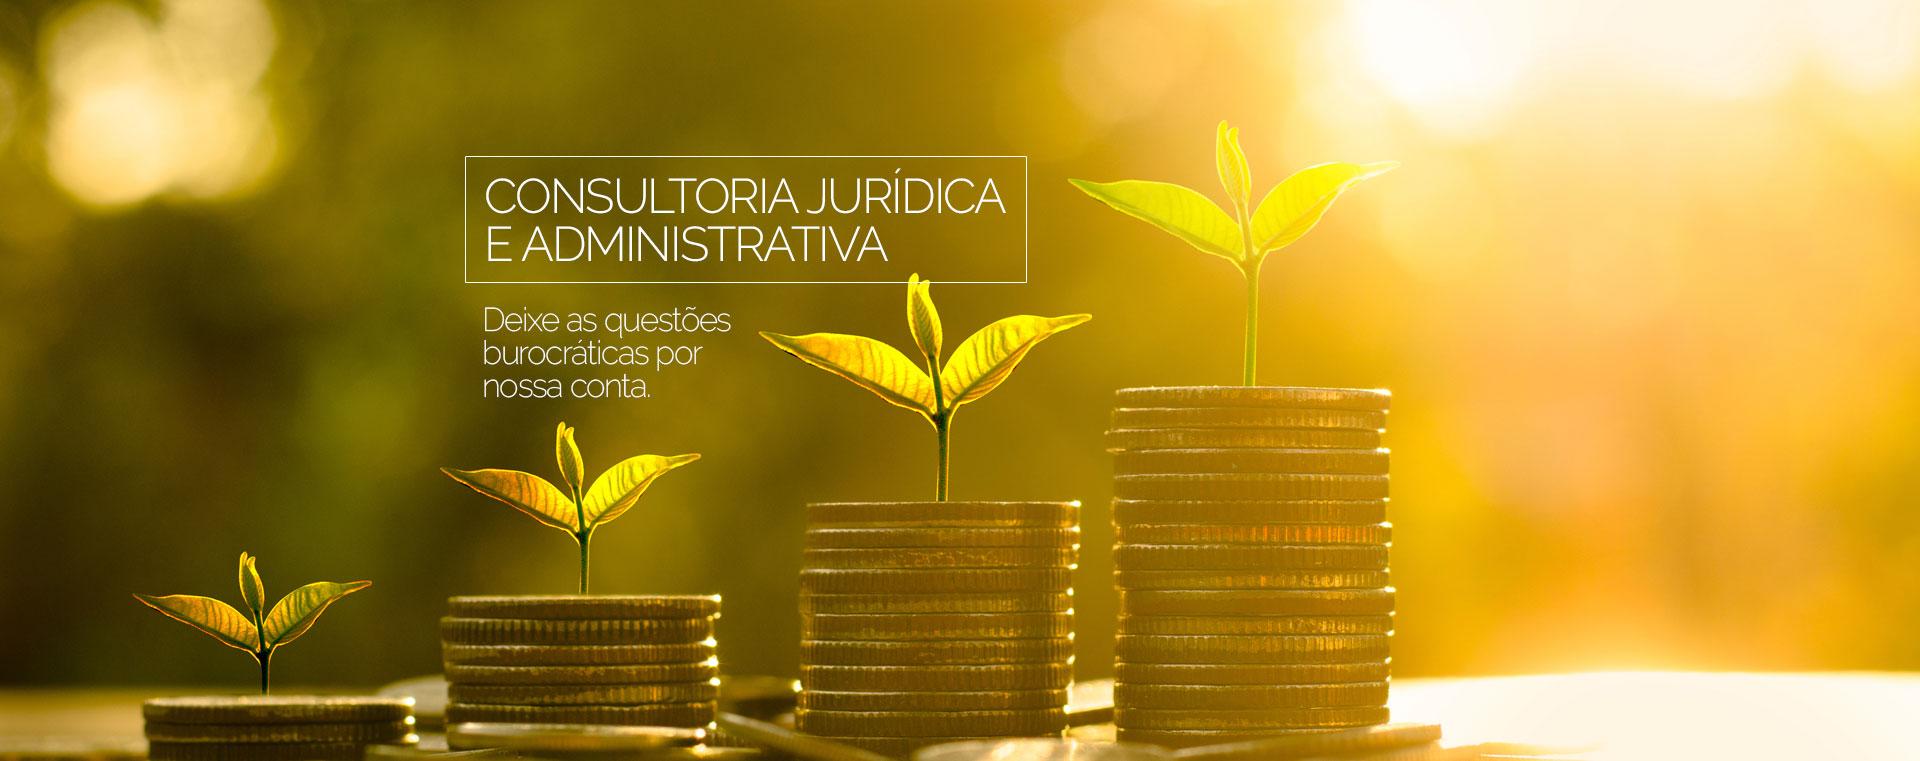 Consultoria Jurídica e Administrativa